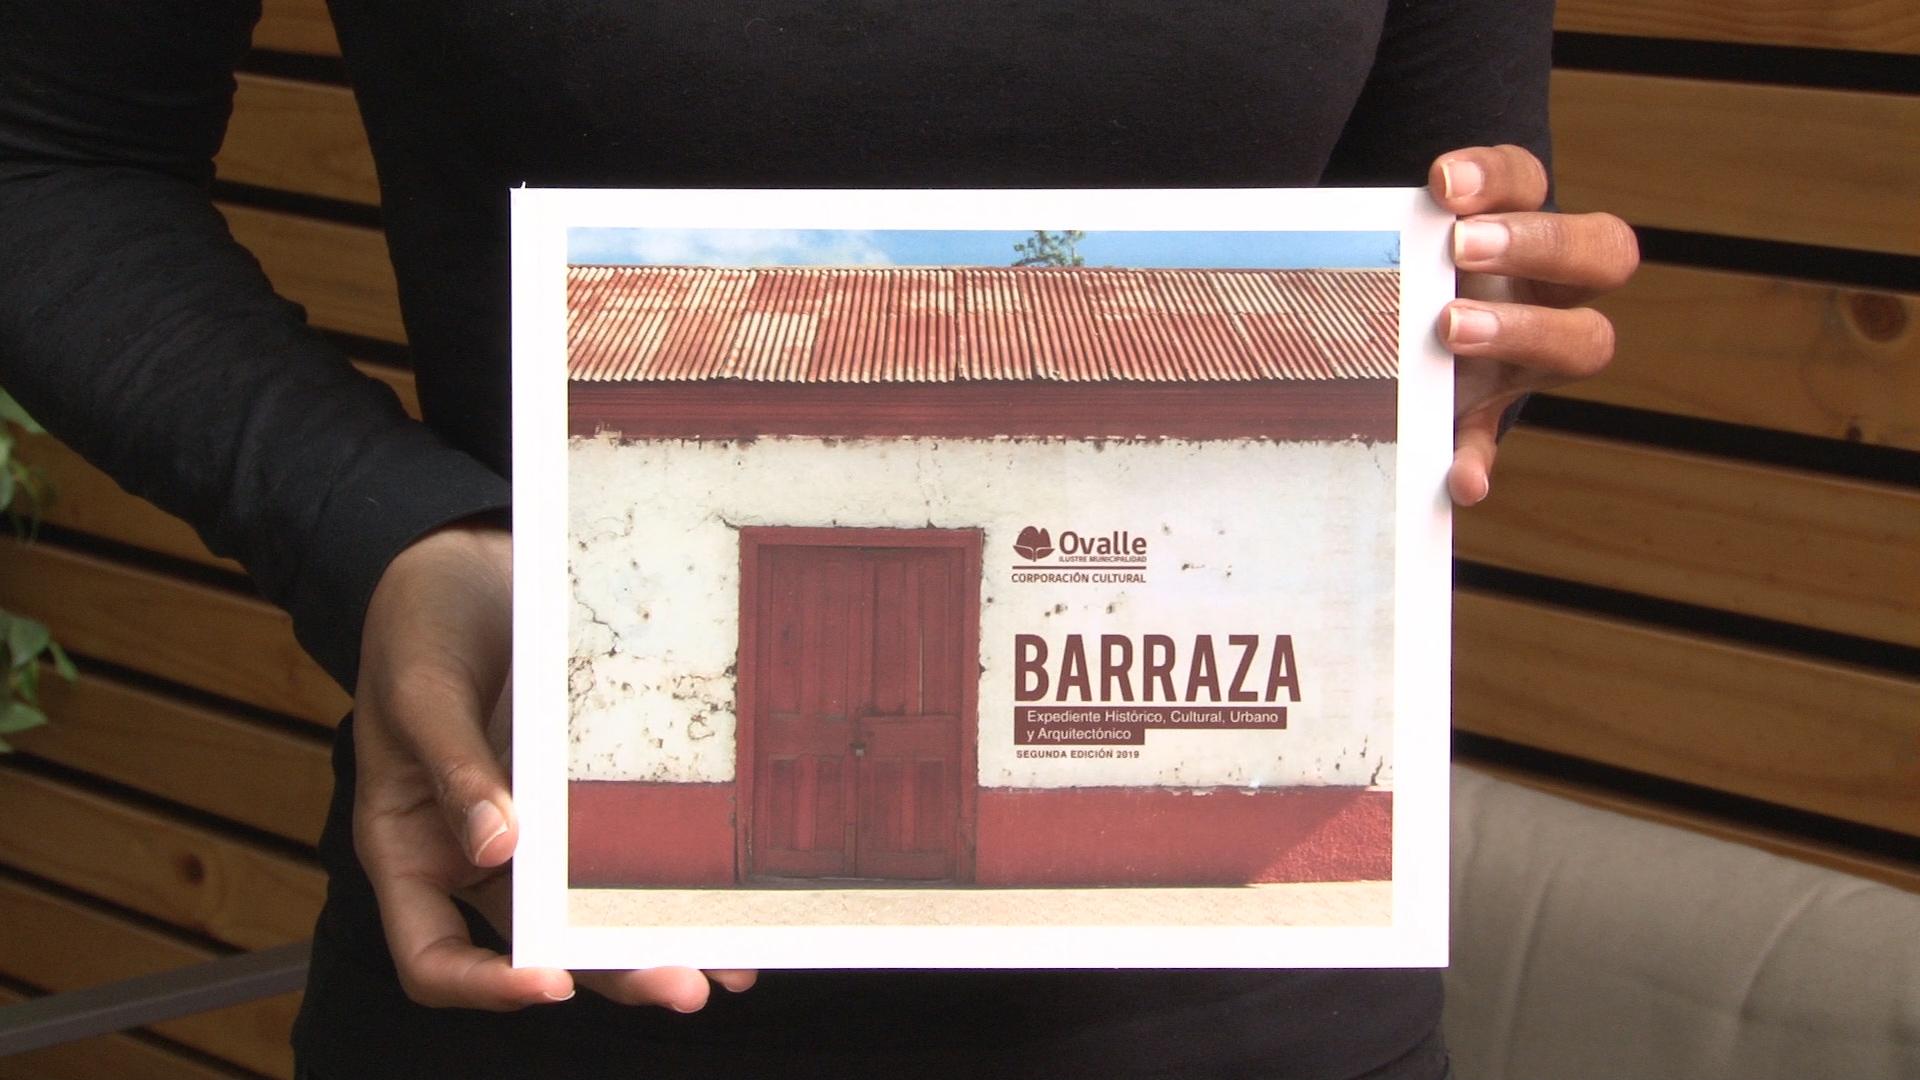 Barraza, expediente histórico, cultural, urbano y arquitectónico